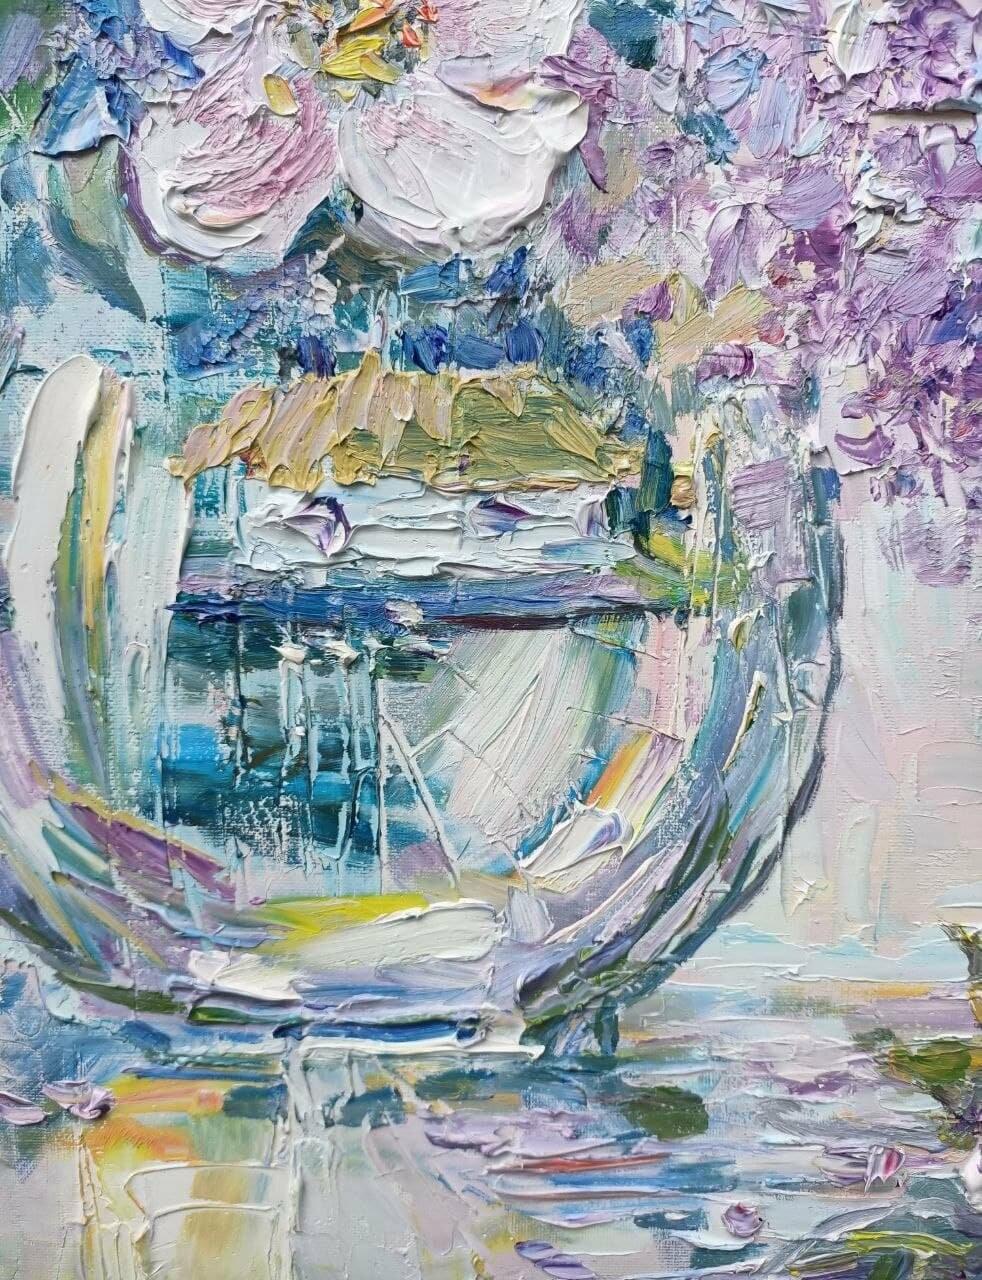 Продаж картин, галерея Браво ART, фото-5